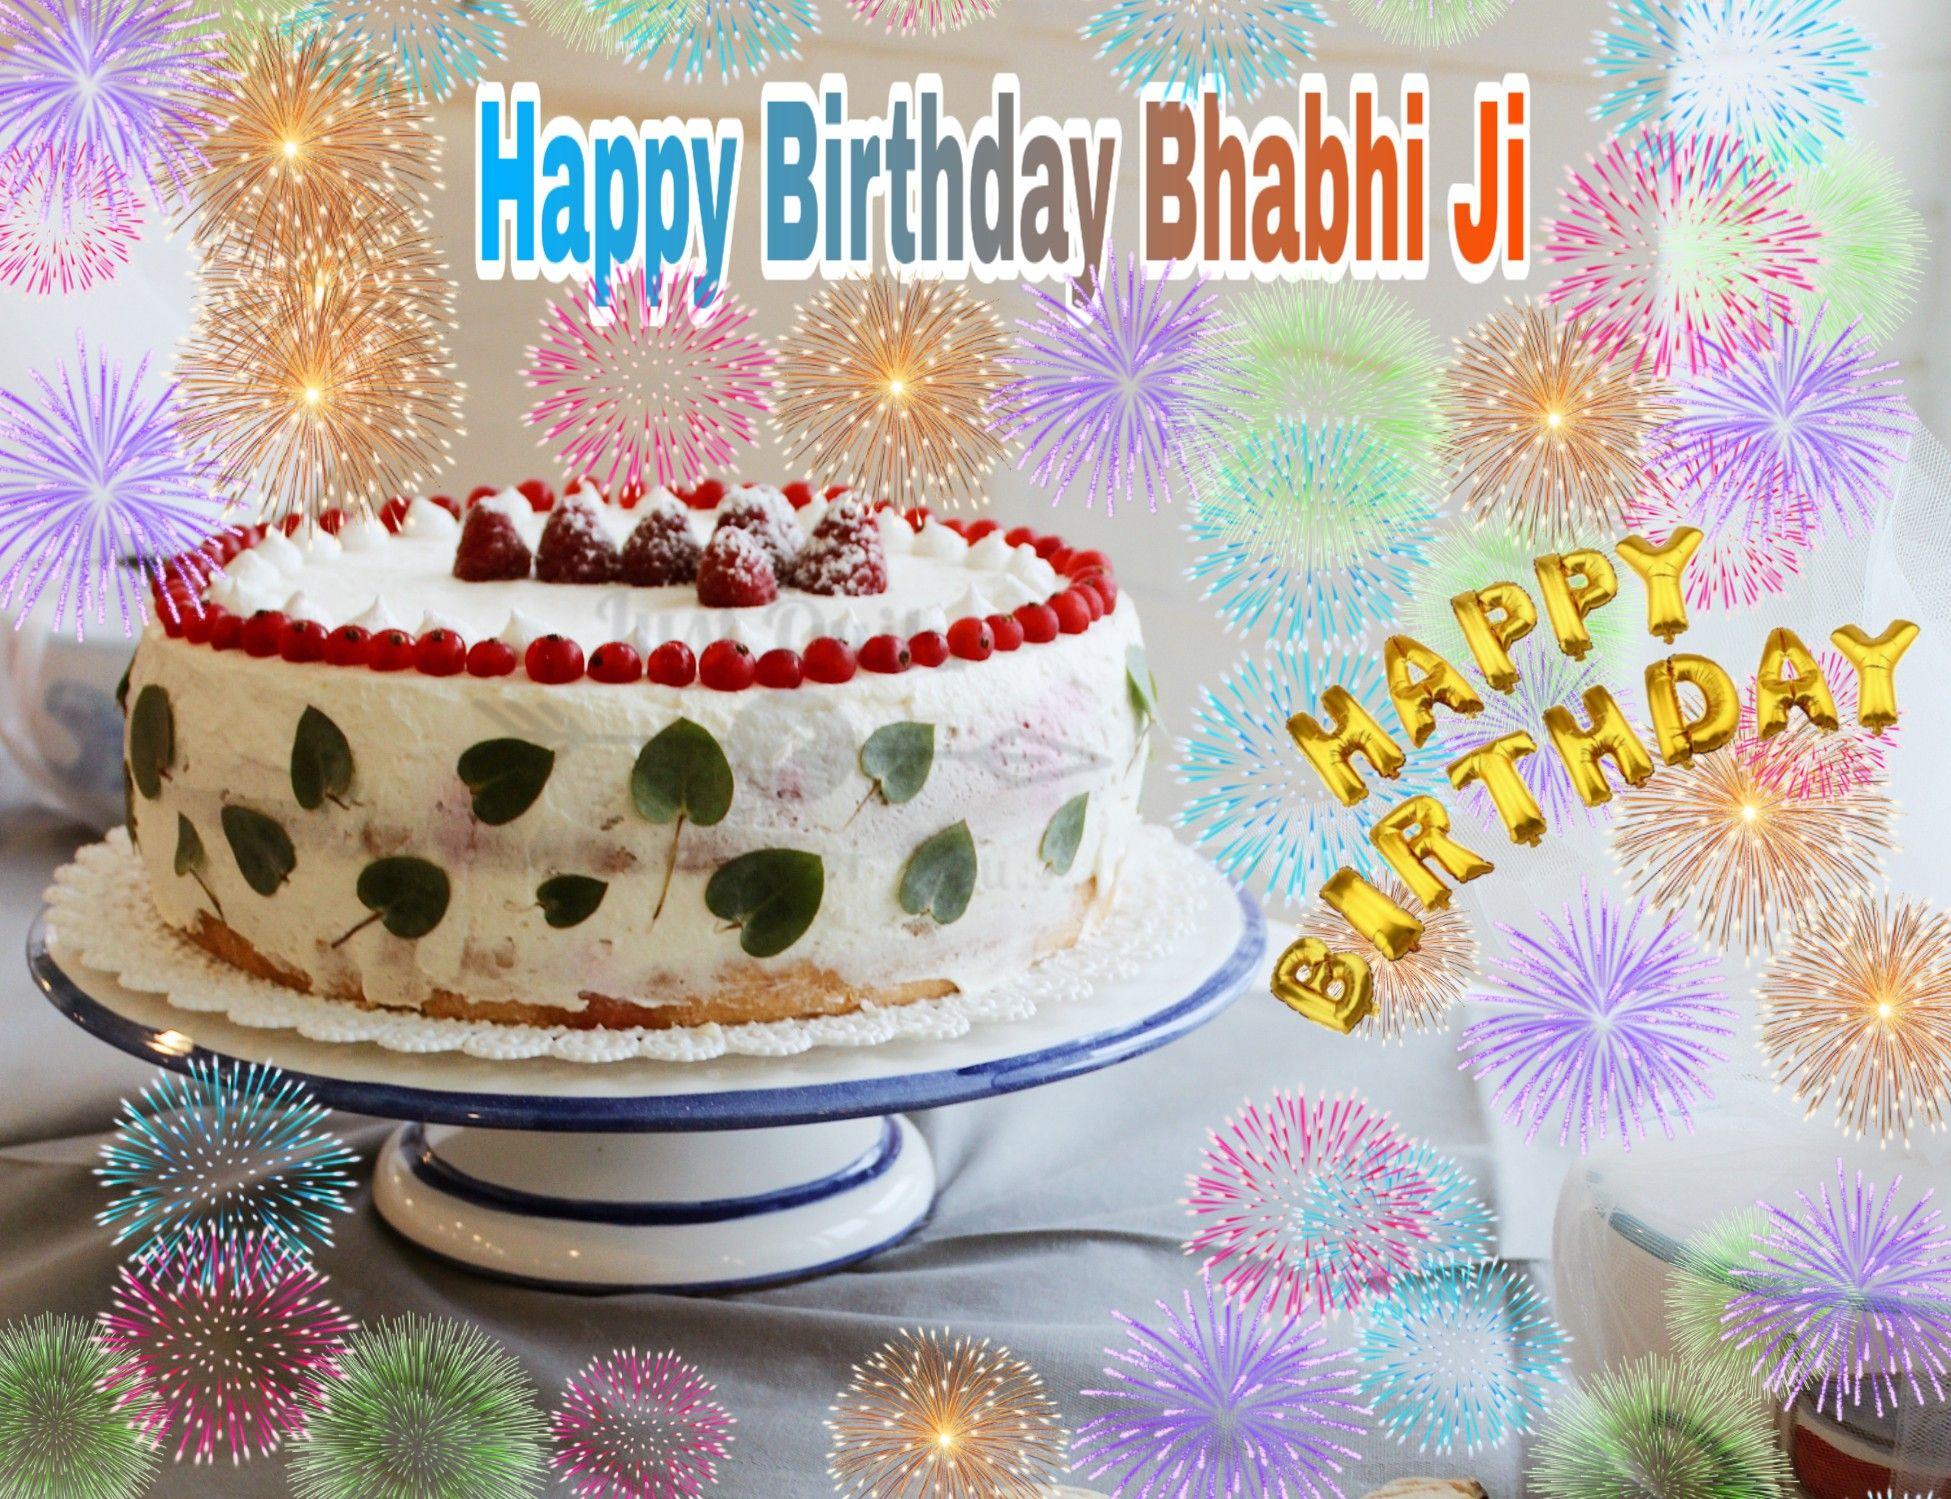 Happy Birthday To You Neha Happy Birthday Cousin Happy Birthday Best Friend Happy Birthday Photos